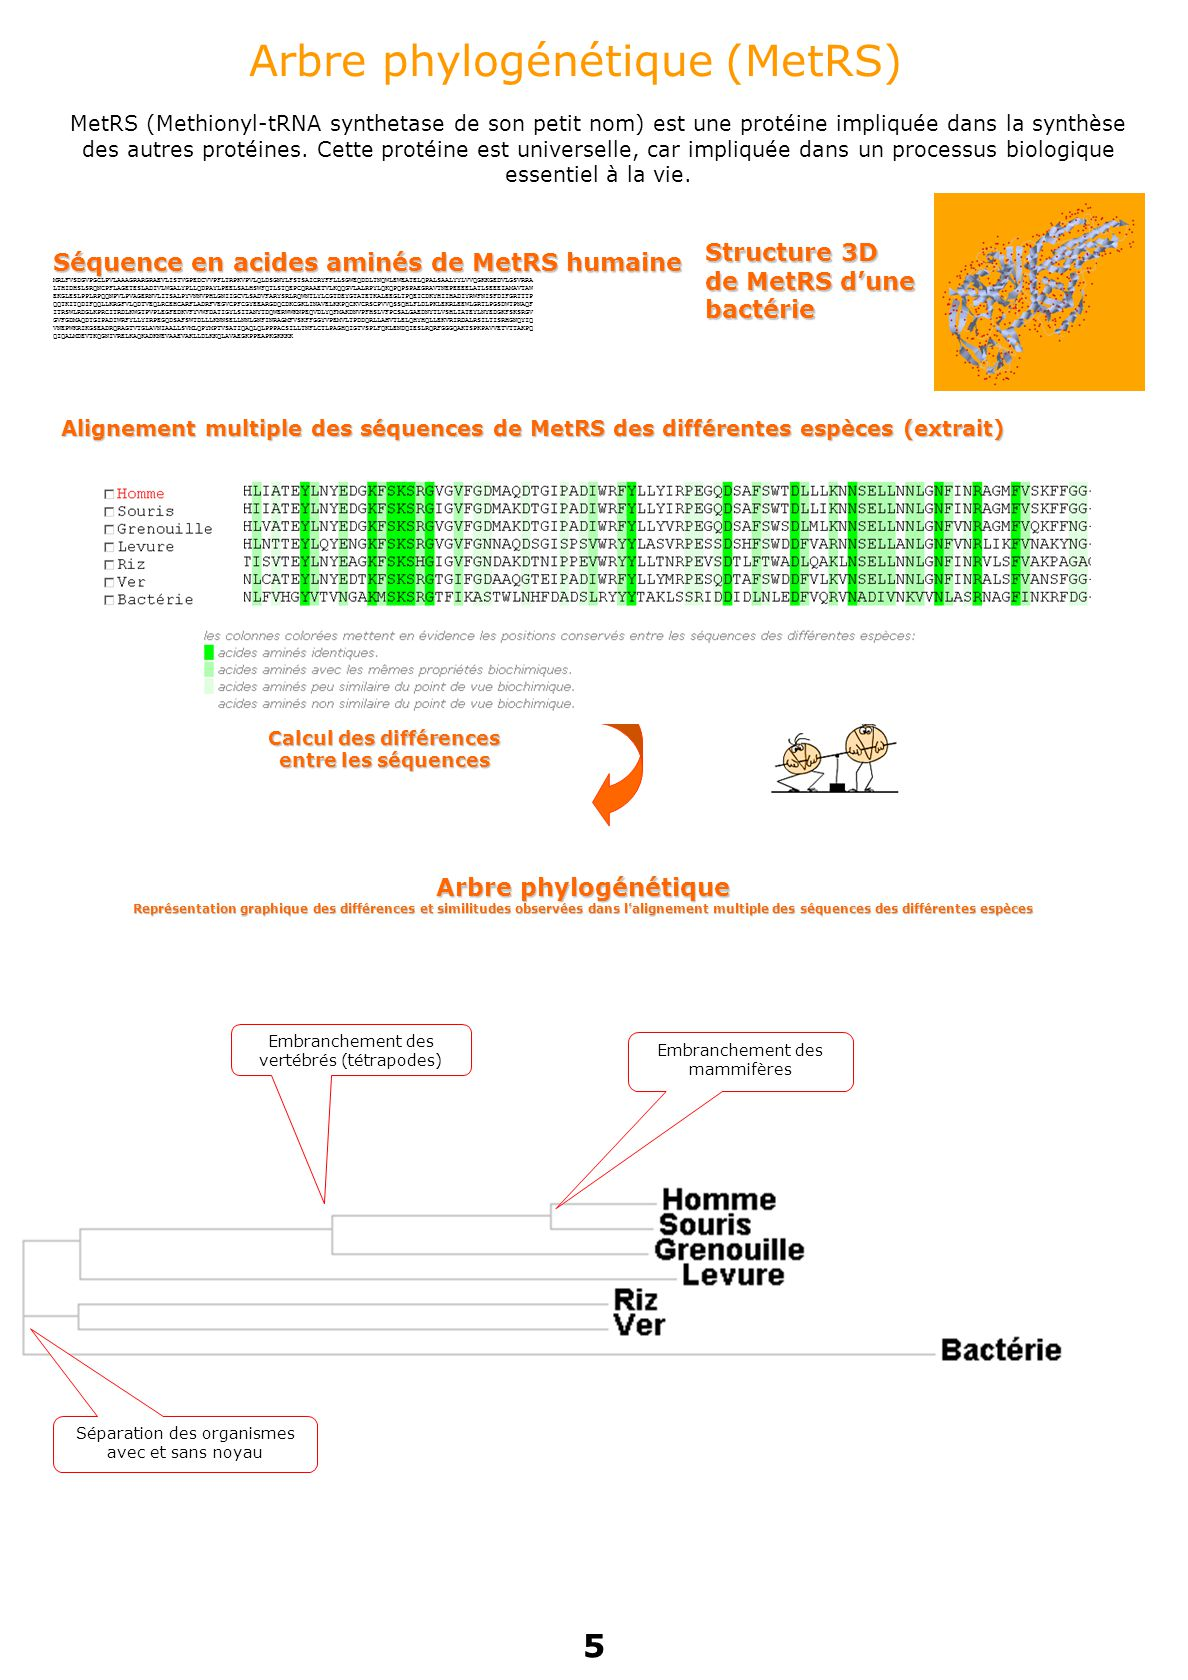 Arbre phylogénétique (MetRS) MetRS (Methionyl-tRNA synthetase de son petit nom) est une protéine impliquée dans la synthèse des autres protéines.